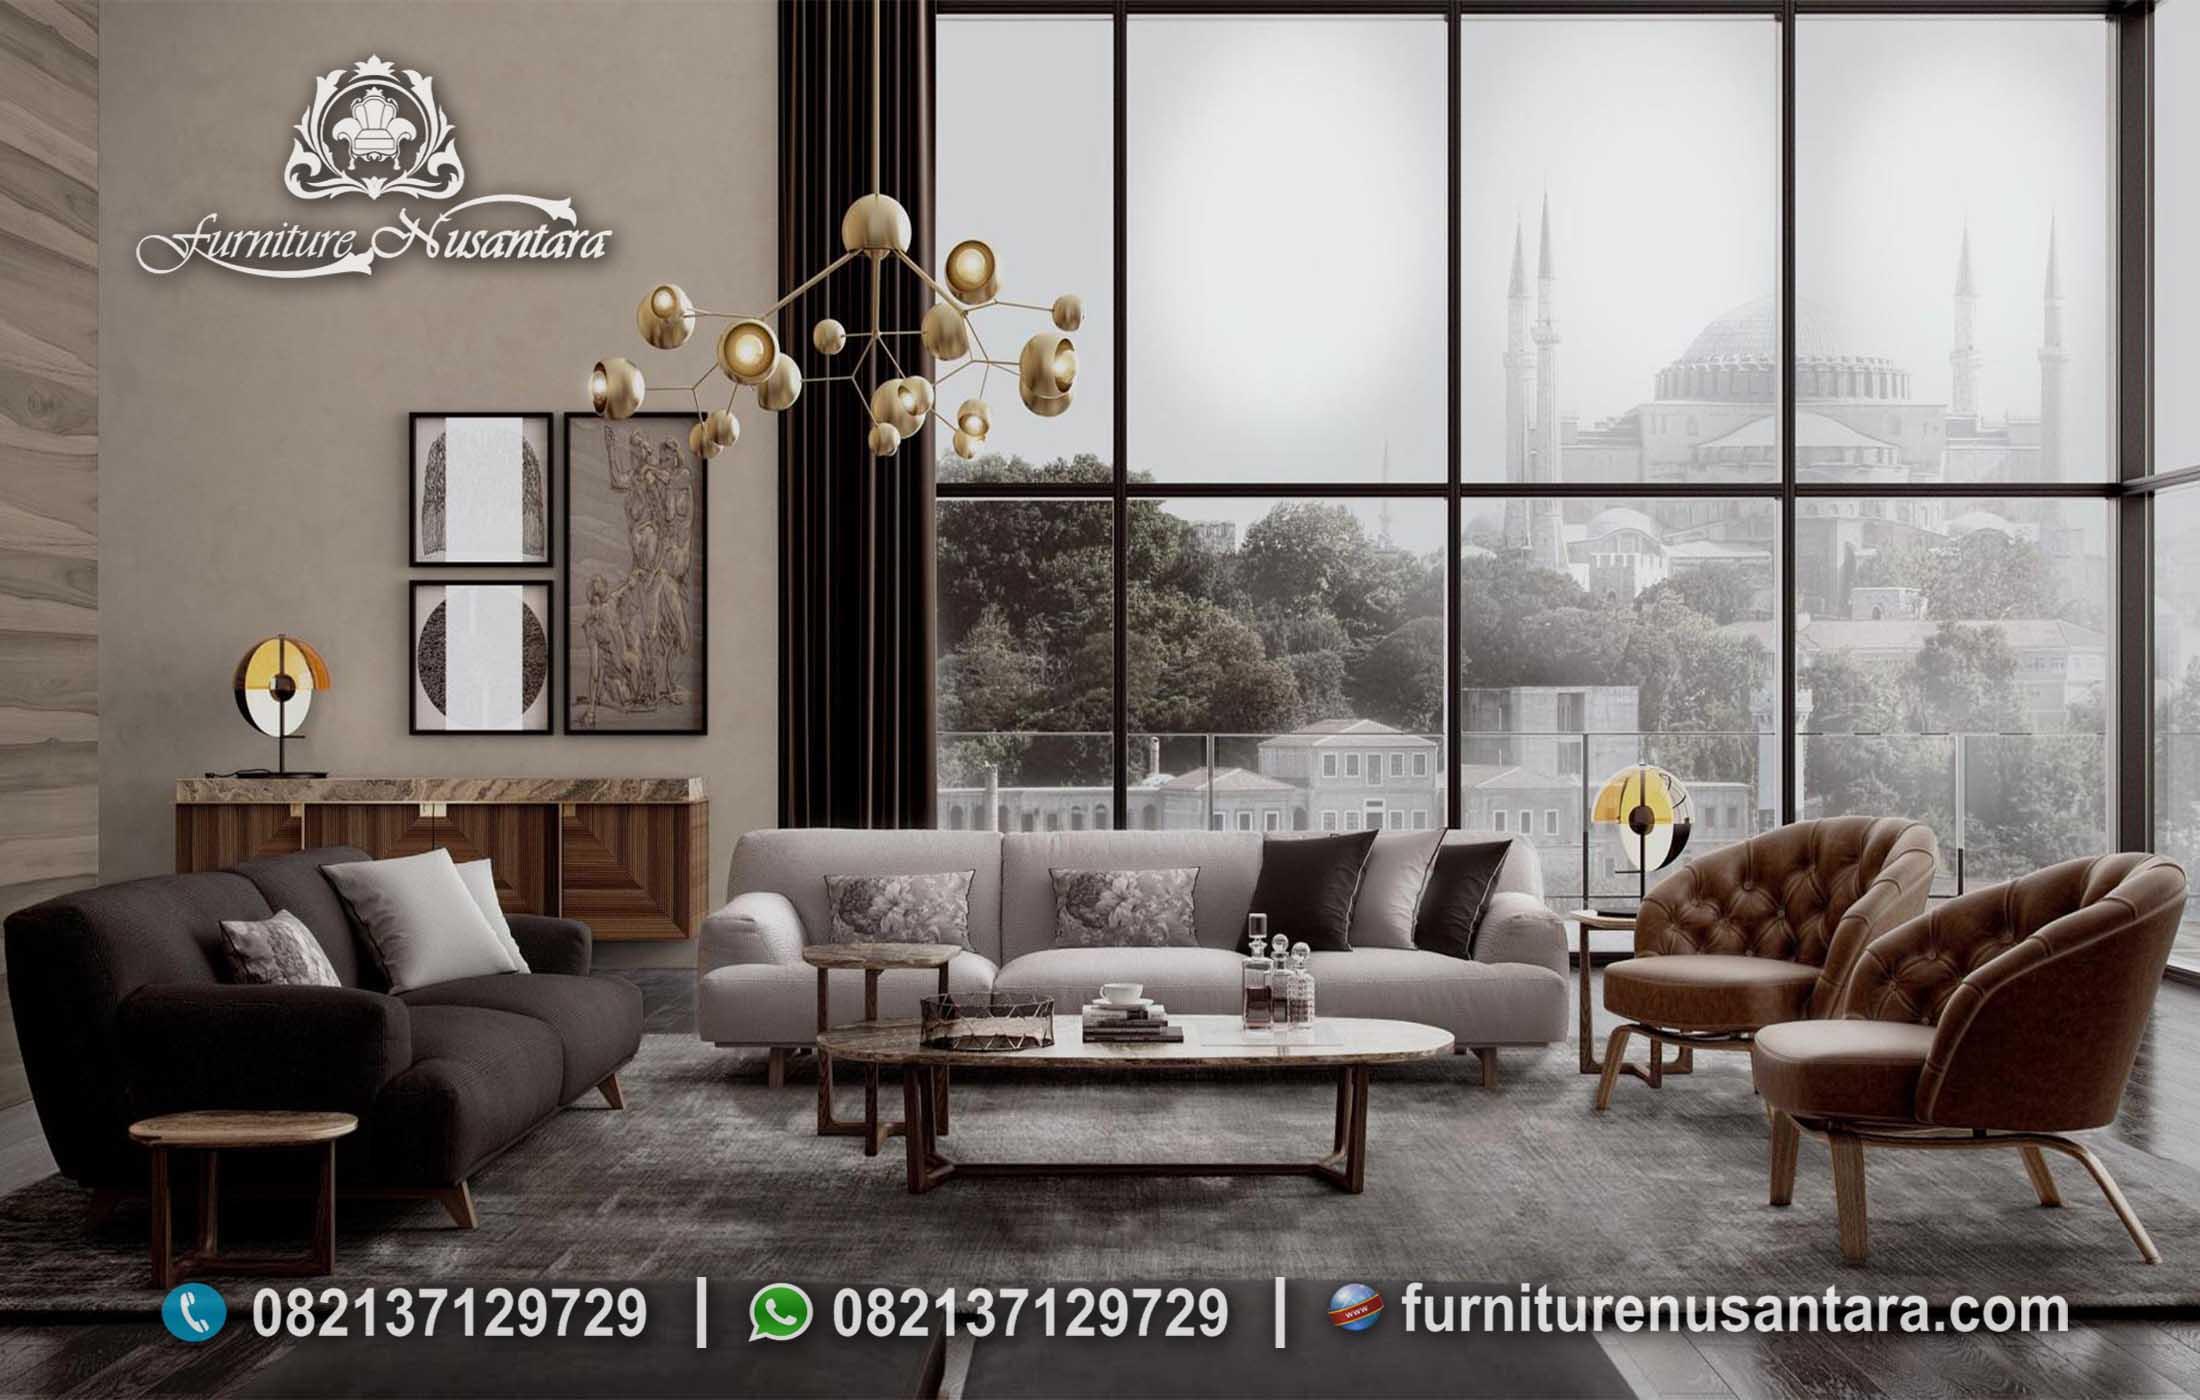 Jual Sofa Bed Minimalis Terbaru ST-73, Furniture Nusantara